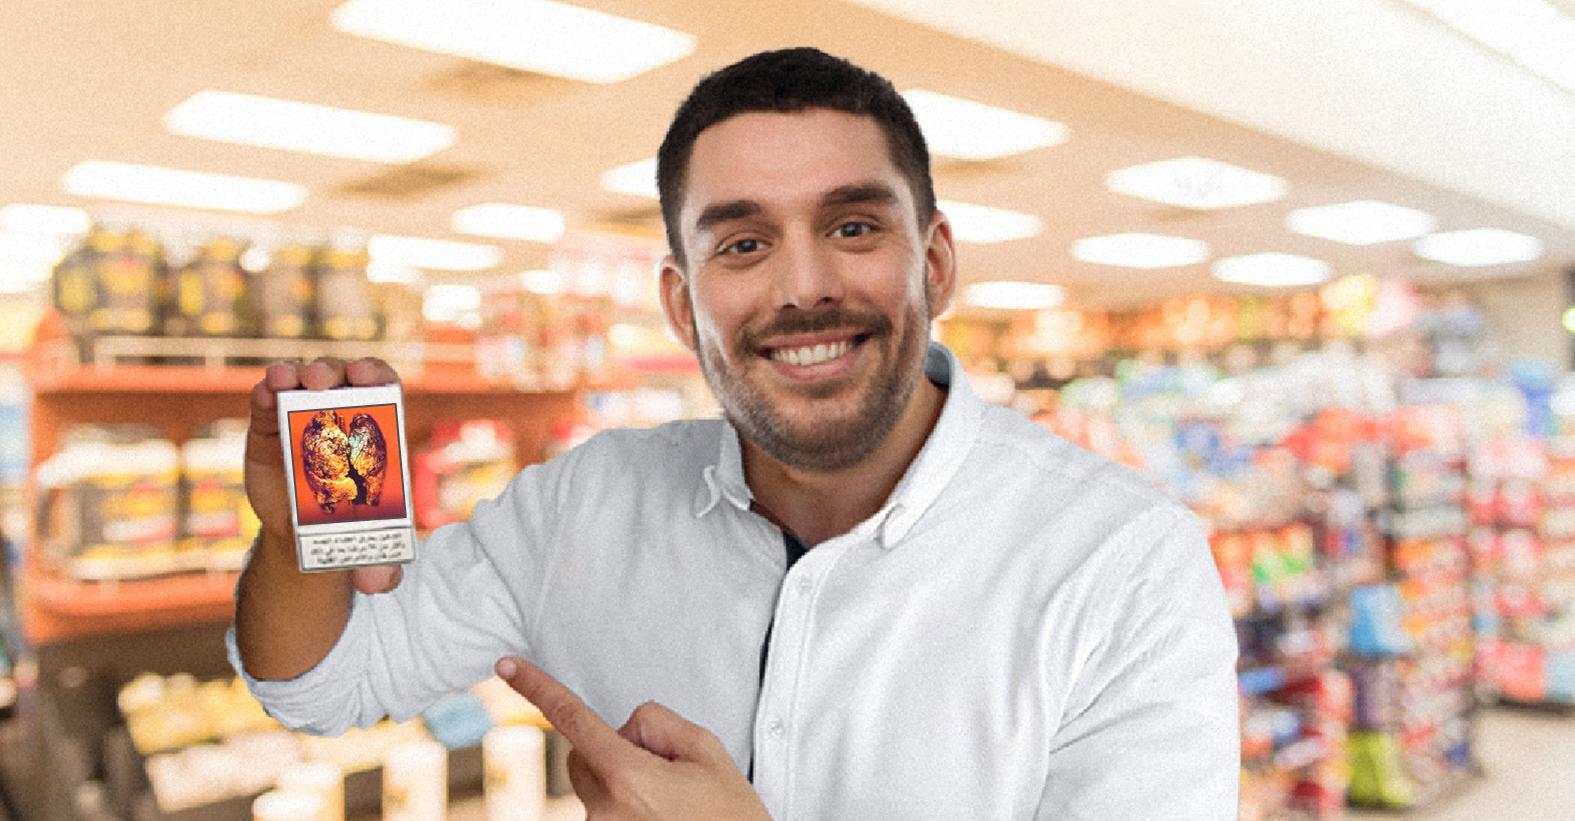 صورة مدخّن يشتري علب سجائر تحذِّر من سرطان الرئة فحسب حفاظاً على أدائه الجنسي